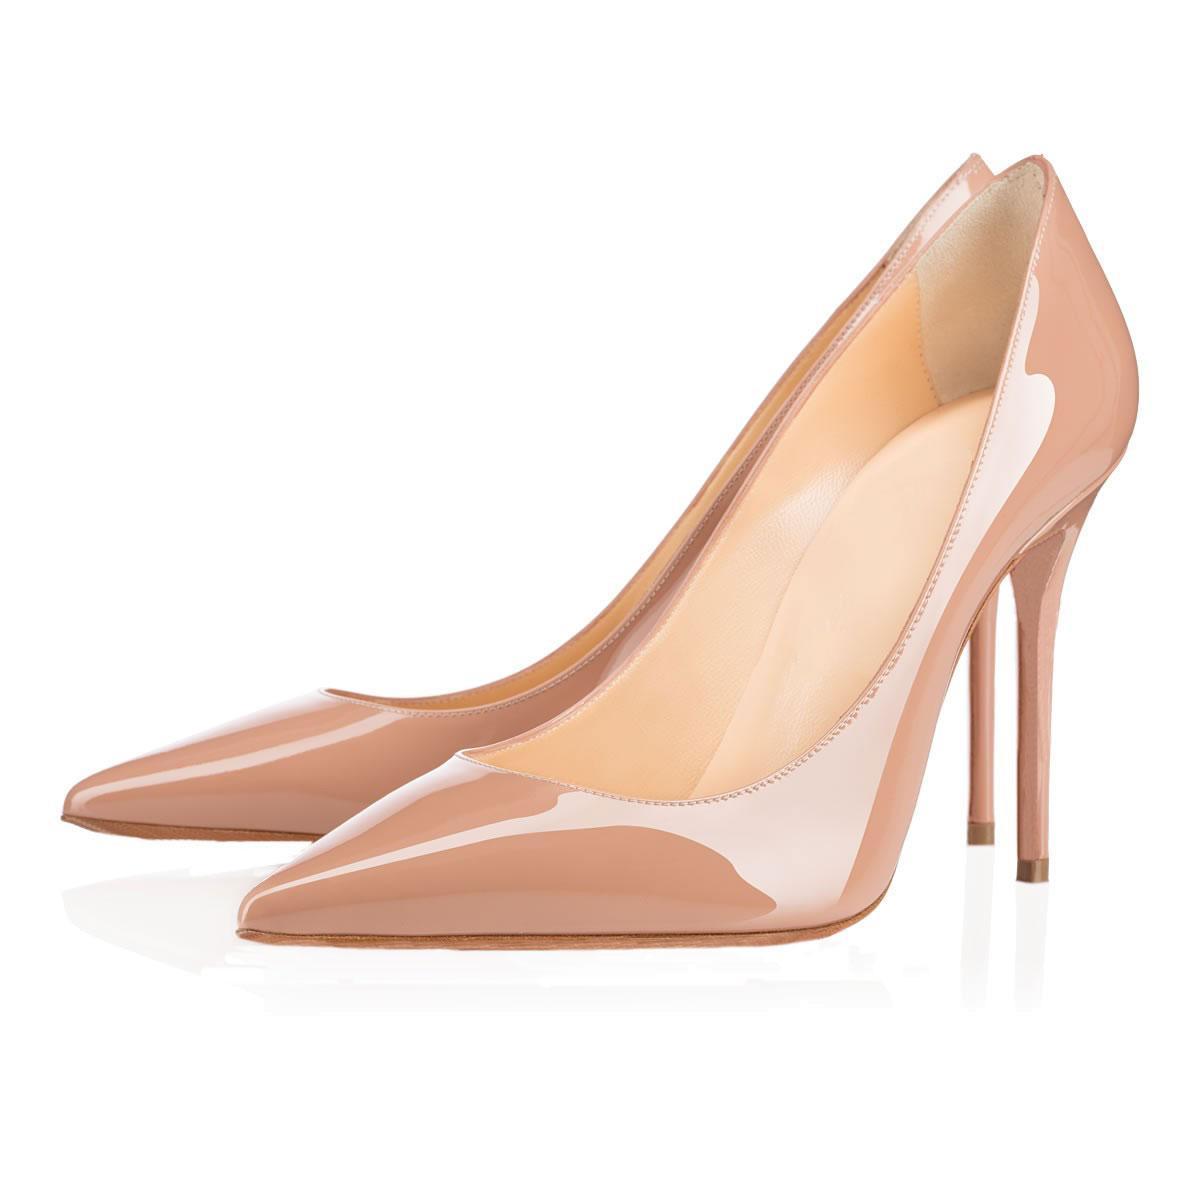 2020 mit Kasten Modedesigner Frauen Schuhe untere hohe Absätze 8cm 10cm 12cm Nude schwarz rot rosa Leder spitzen Zehen pumpt Kleid-Schuhe